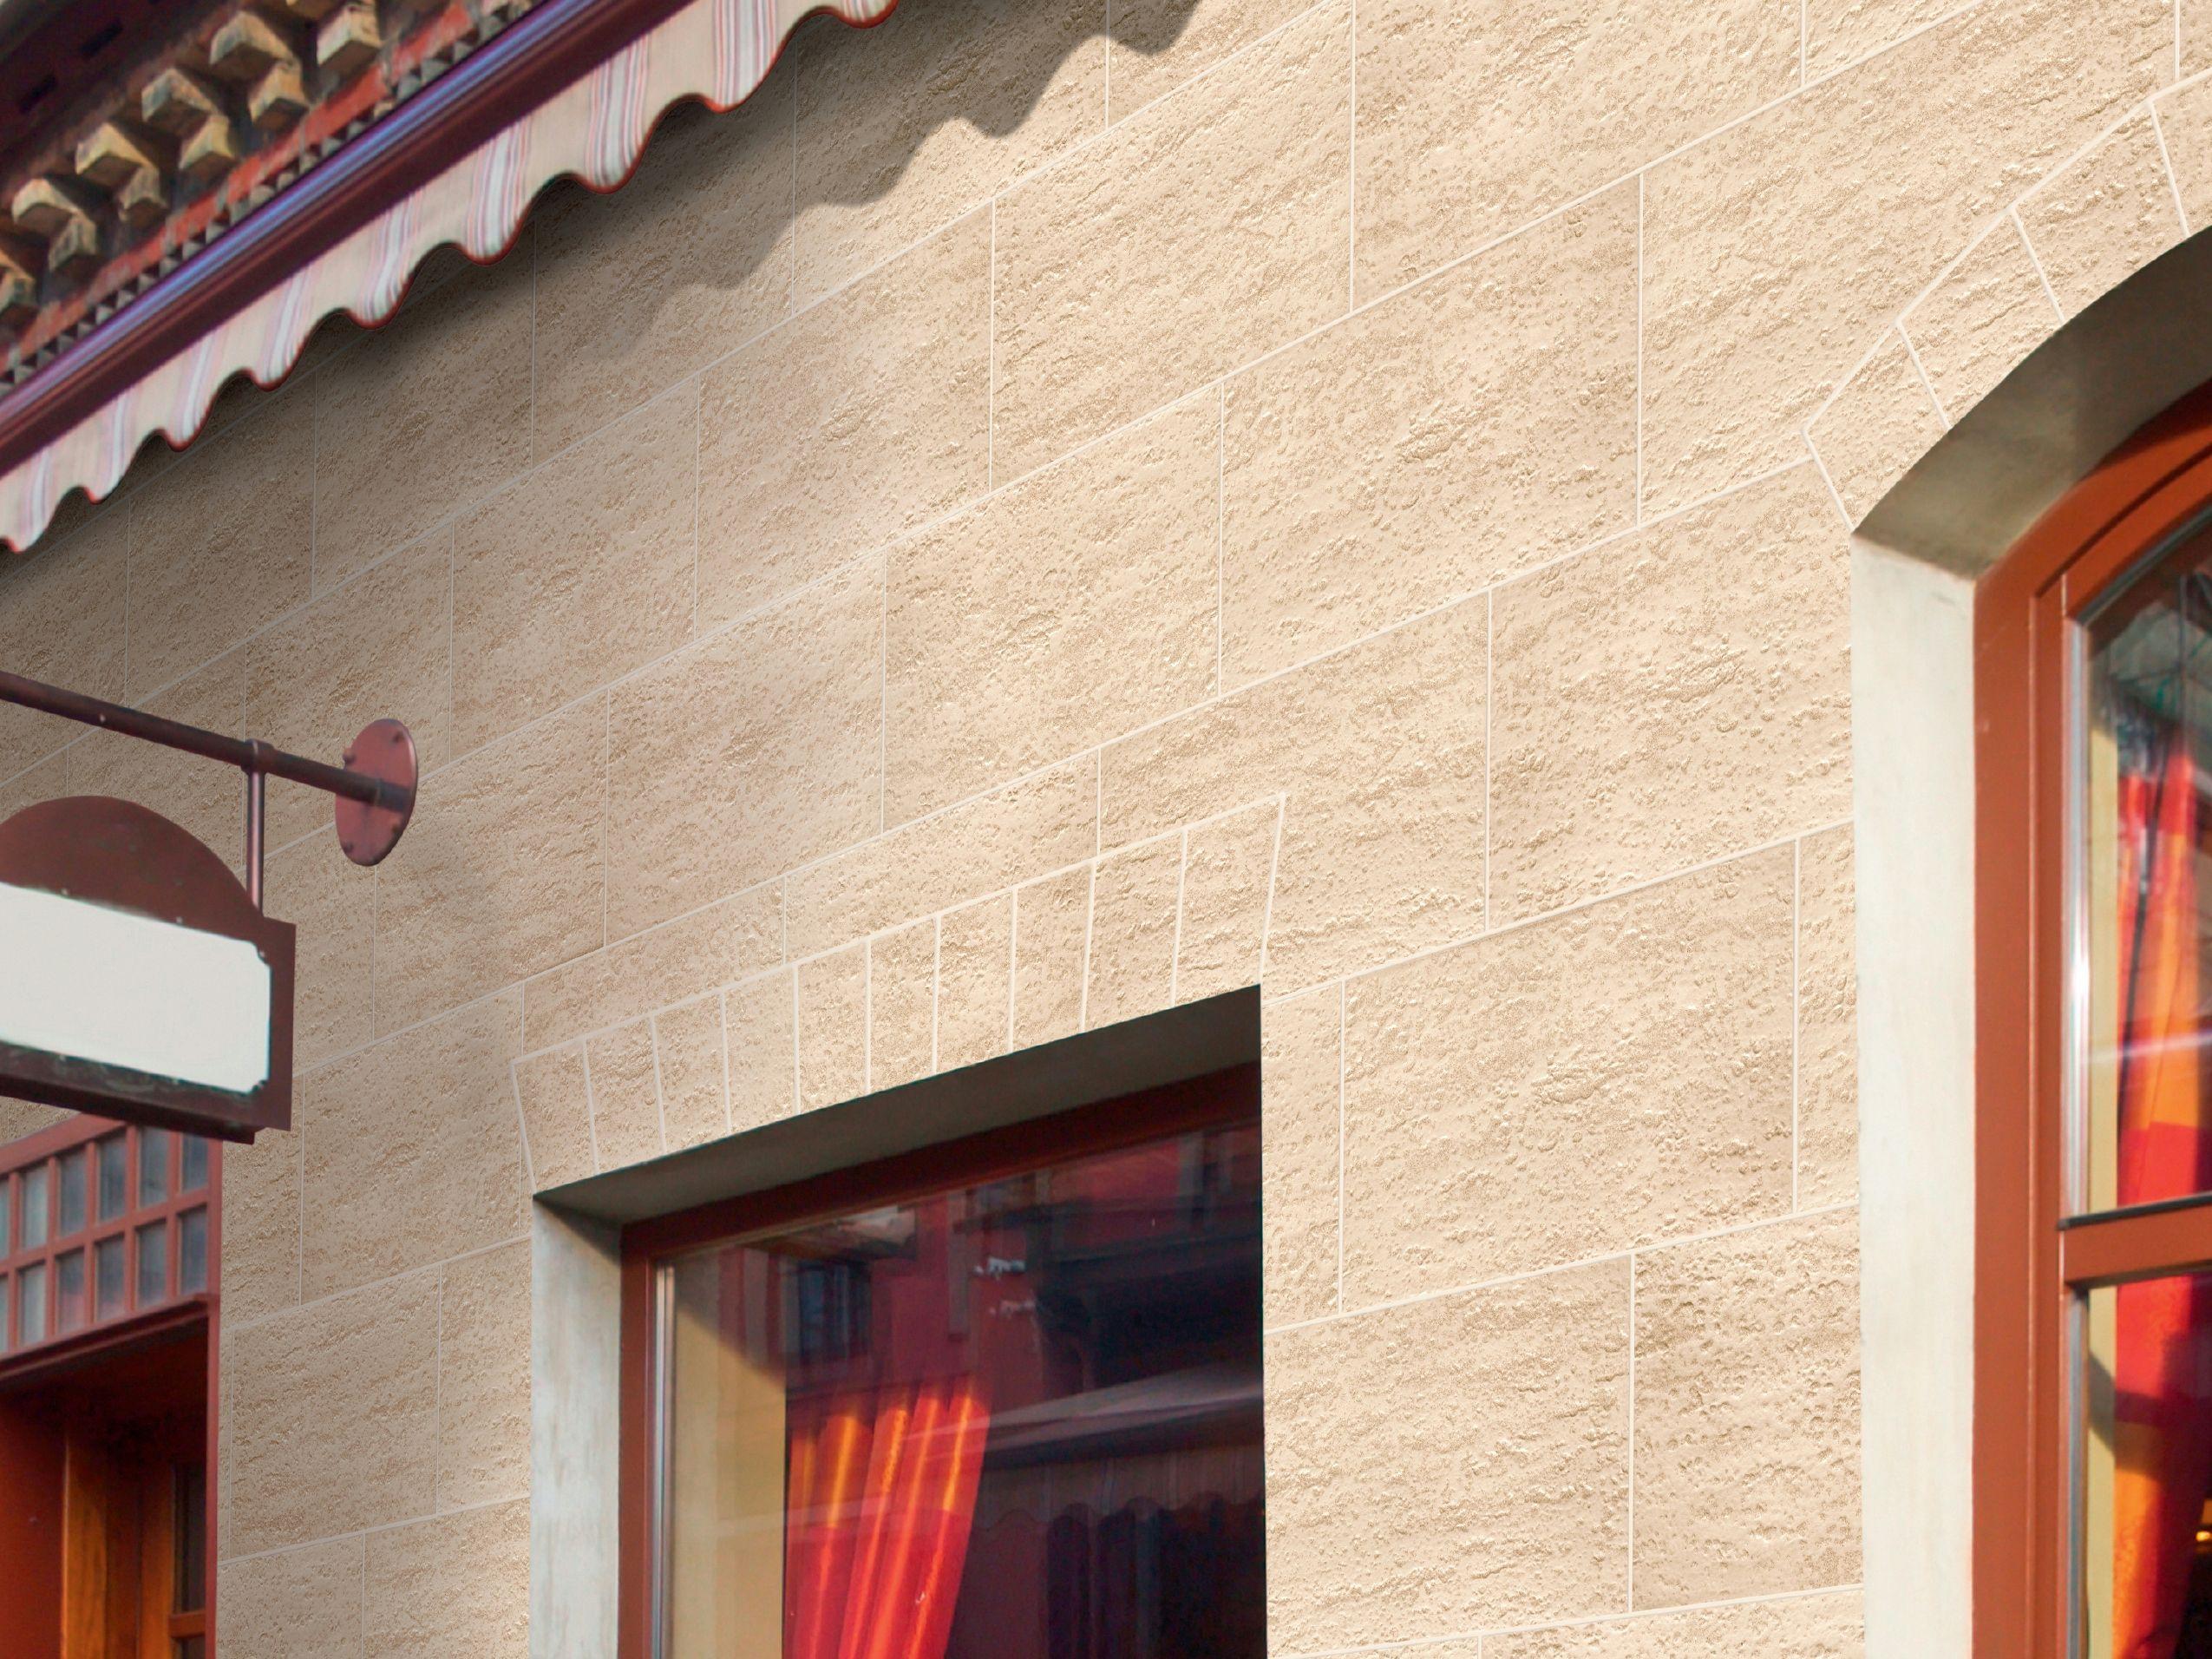 Rivestimento in gres porcellanato per esterni messina by - Rivestimenti per terrazzi esterni ...